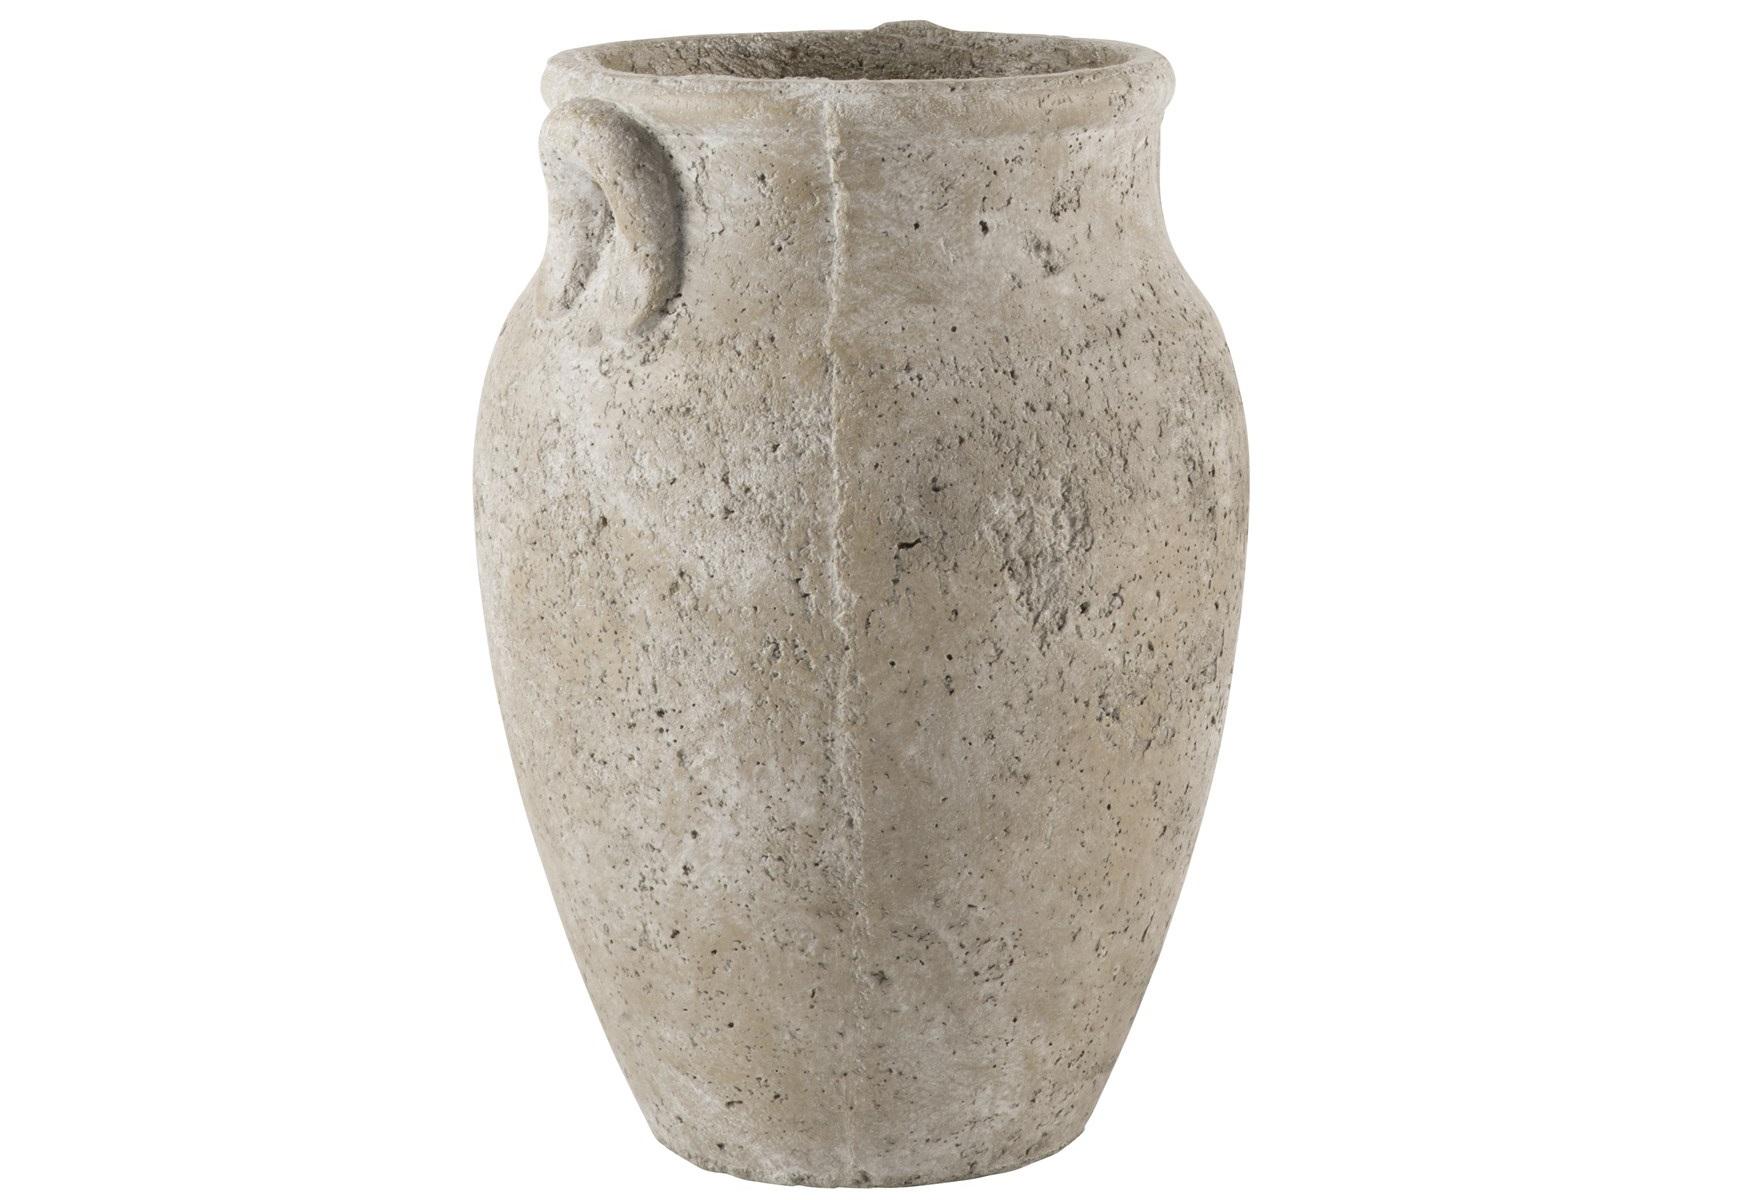 Глиняный горшок для растенийКашпо<br><br><br>Material: Глина<br>Width см: None<br>Depth см: None<br>Height см: 29<br>Diameter см: 17